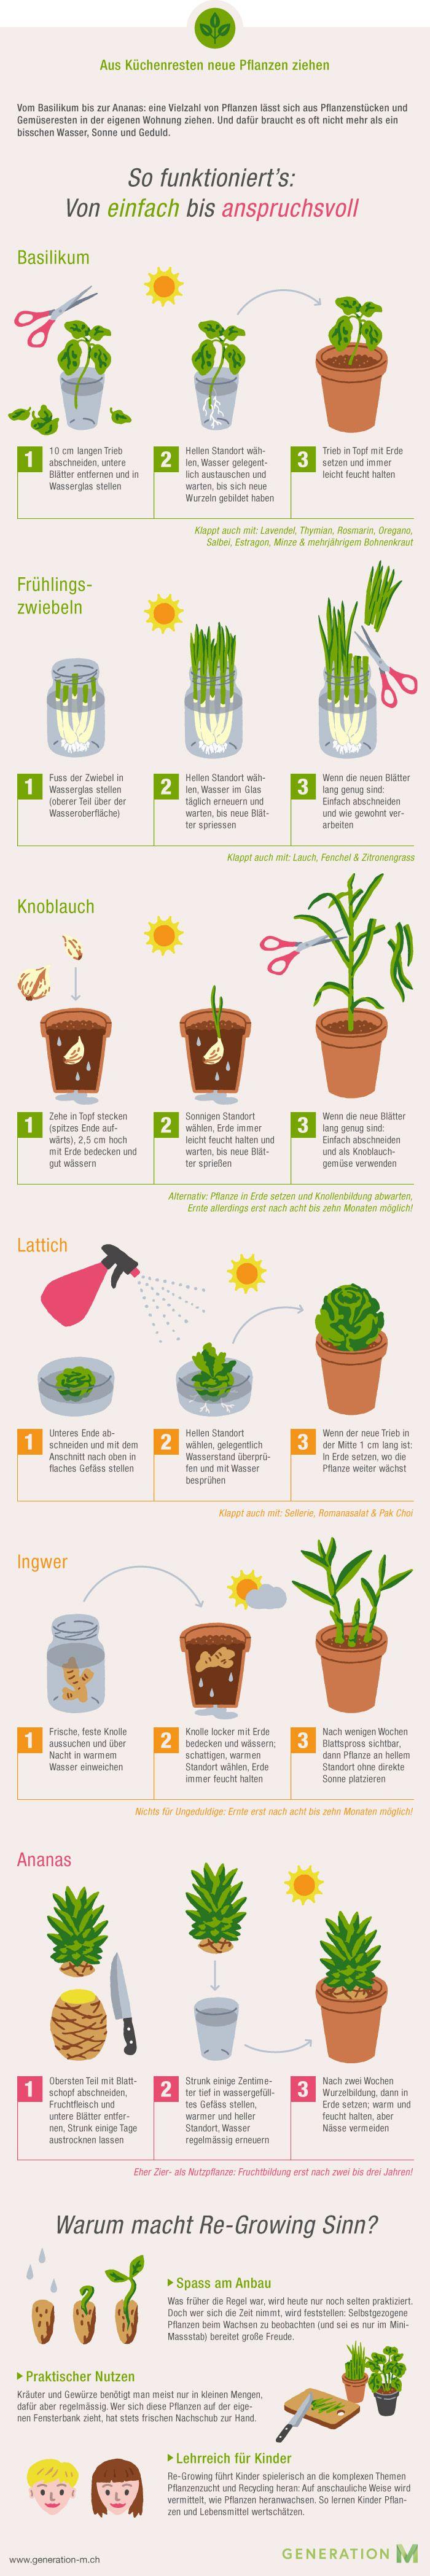 Die Infografik zeigt Ihnen wie Sie aus Küchenresten neues Gemüse ziehen. Drucken Sie die Grafik aus und ziehen Sie Ihr eigenes Gemüse. Viel Spass! #gemüsepflanzen